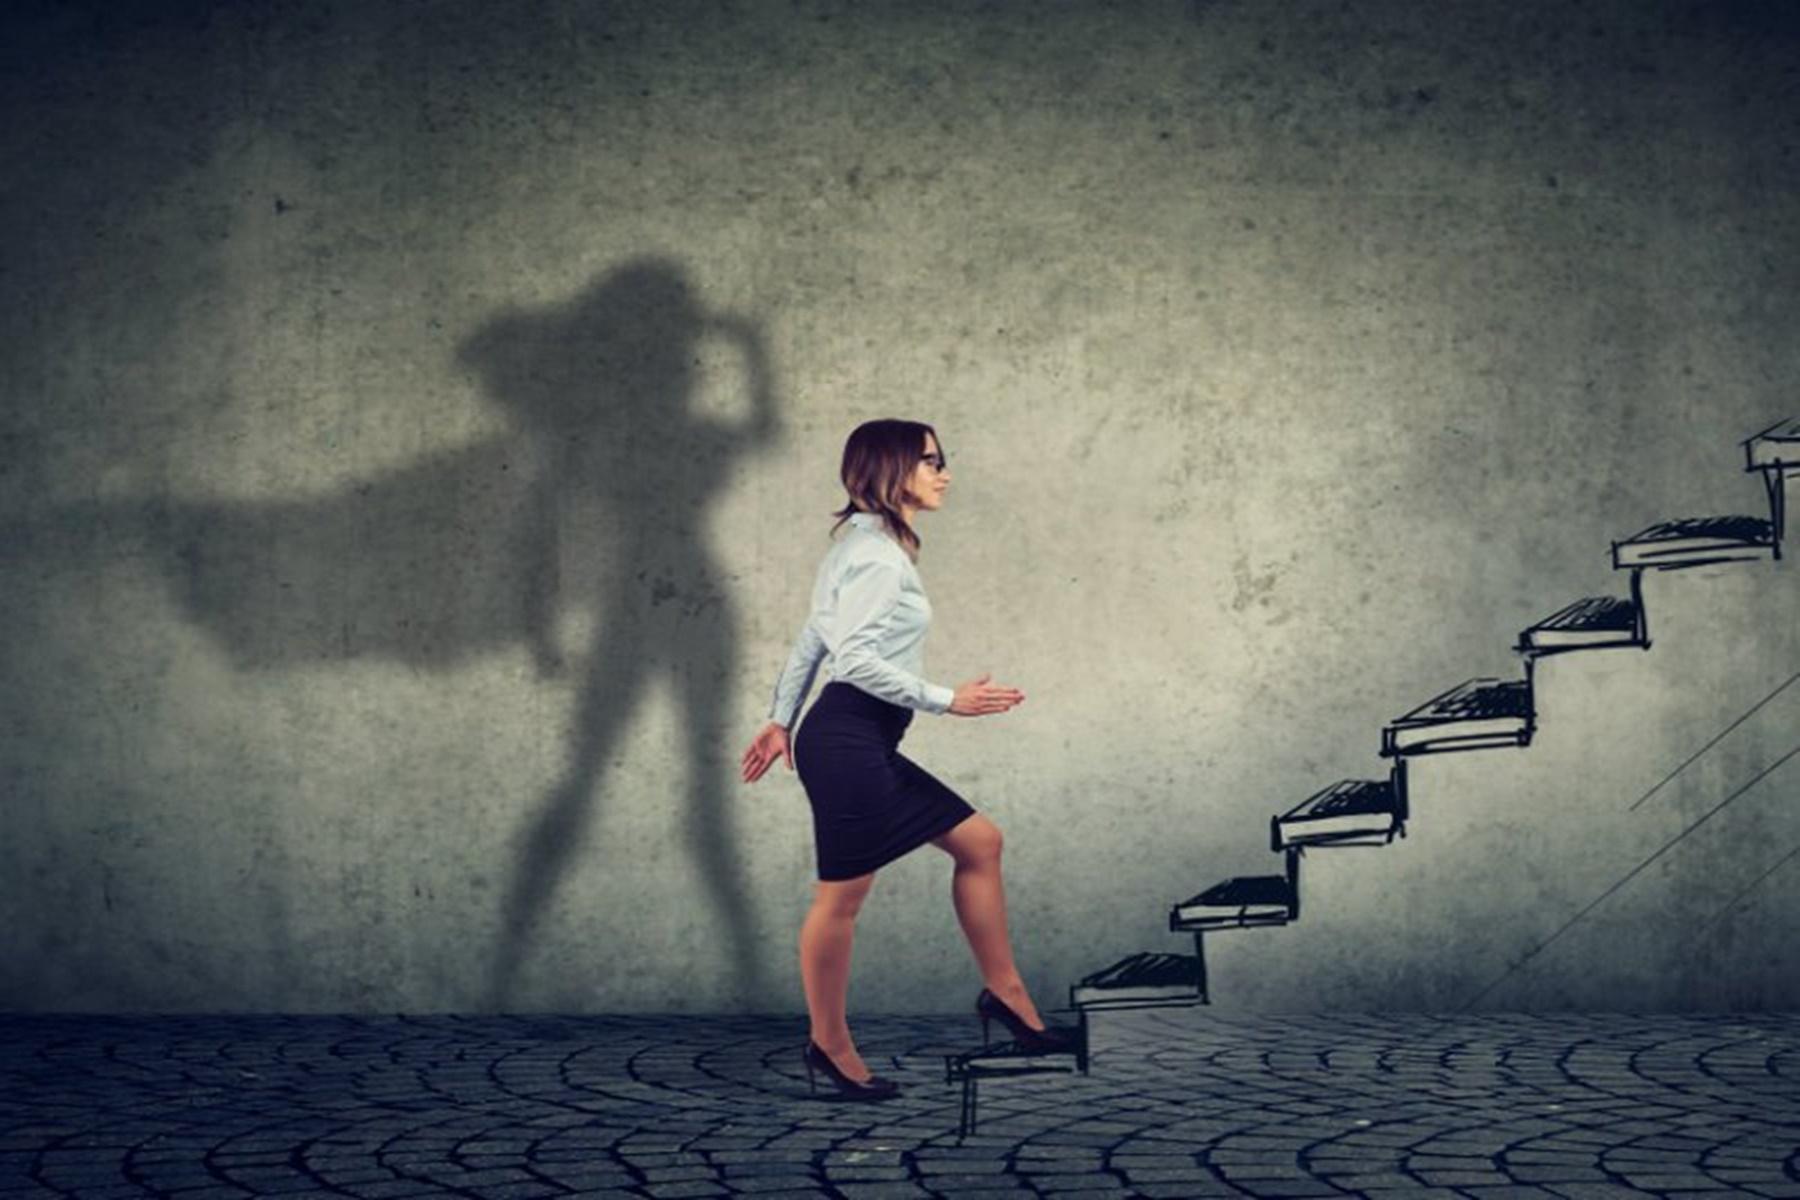 Αυτοφροντίδα : Τονώστε την αυτοπεποίθηση σας